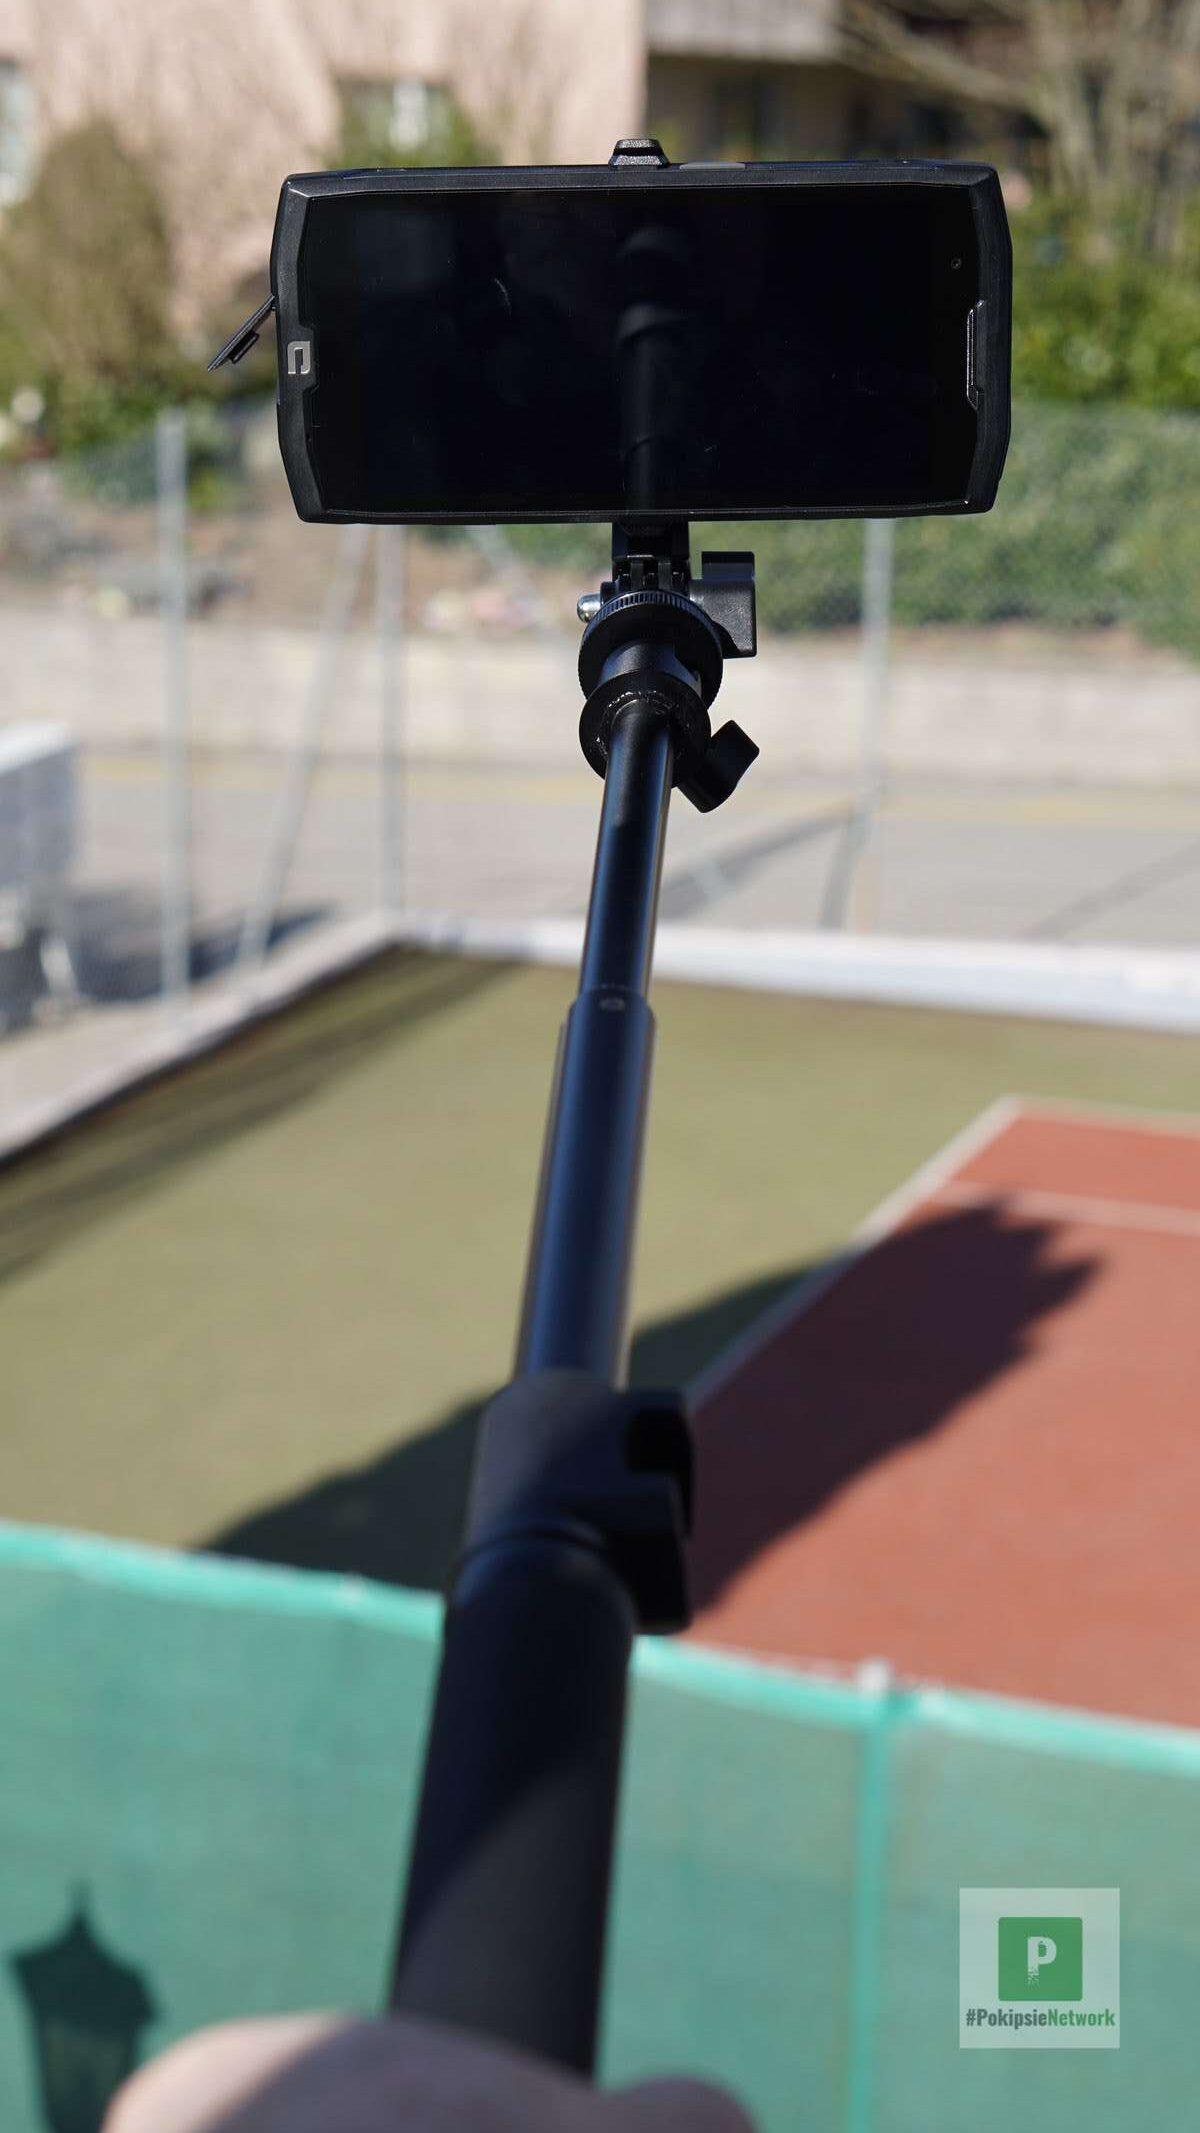 Der ausgefahrene Selfie-Stick